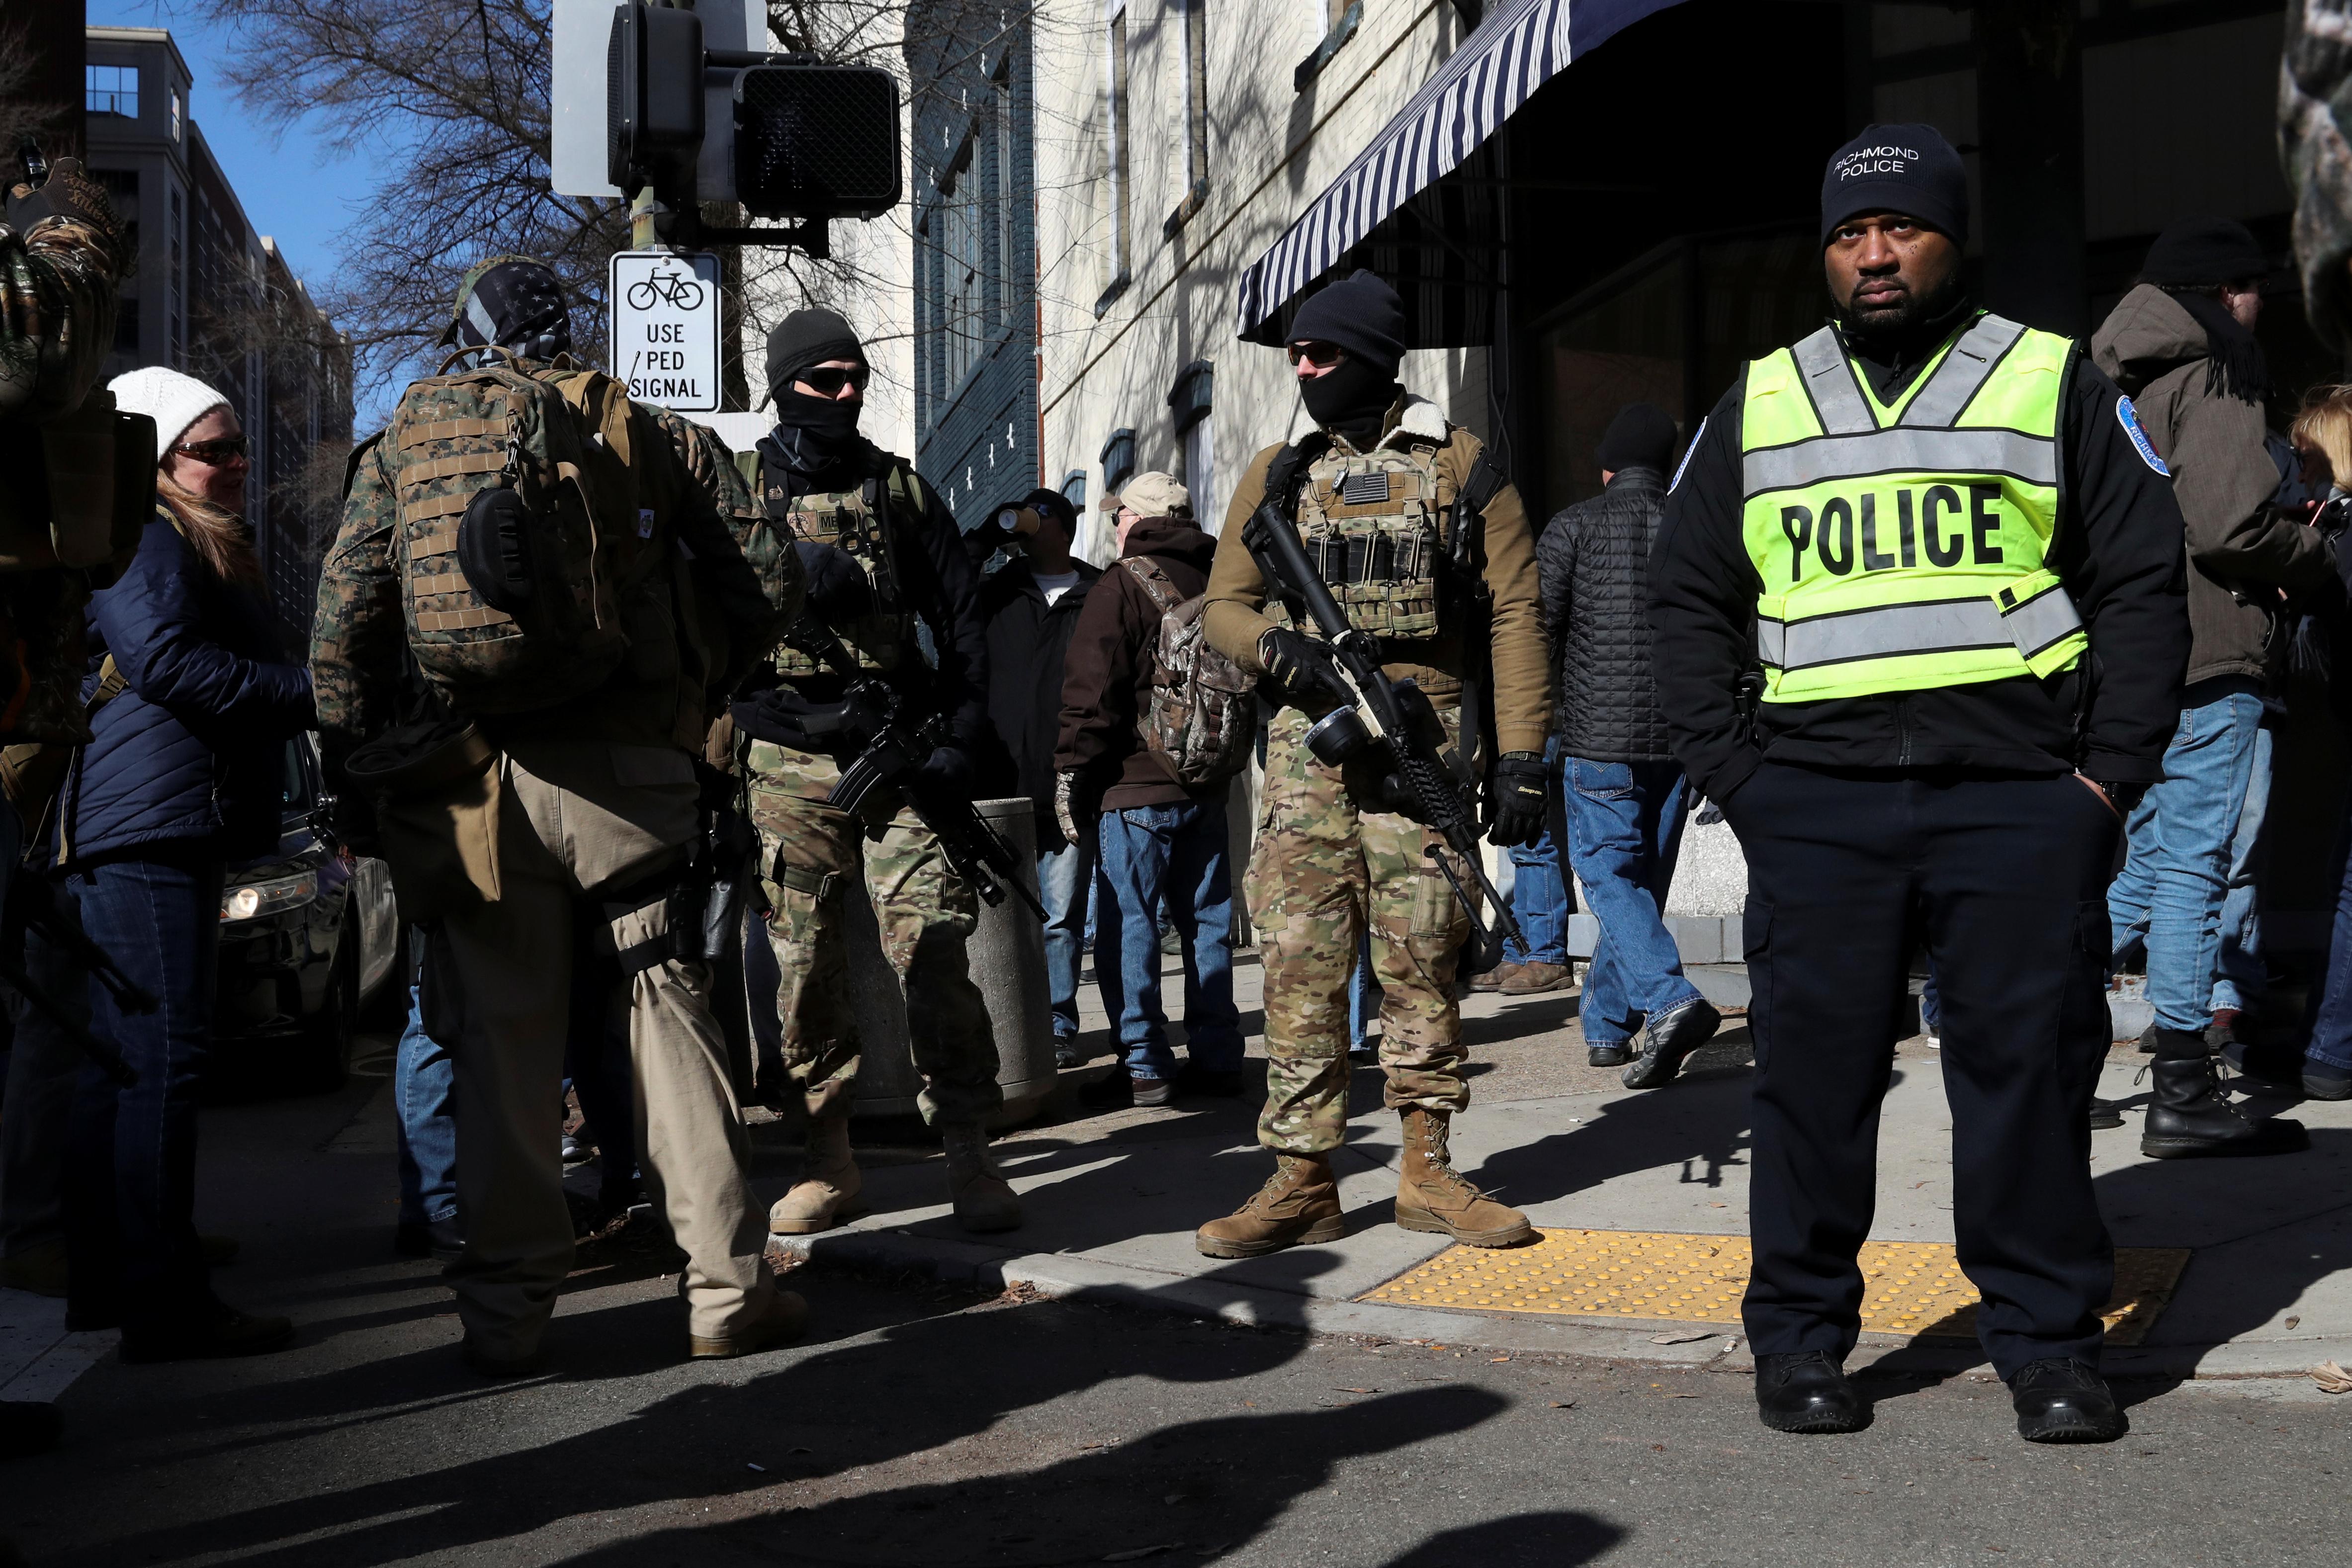 Tres hombres fuertemente armados, junto a un policía, desarmado (REUTERS/Leah Millis)